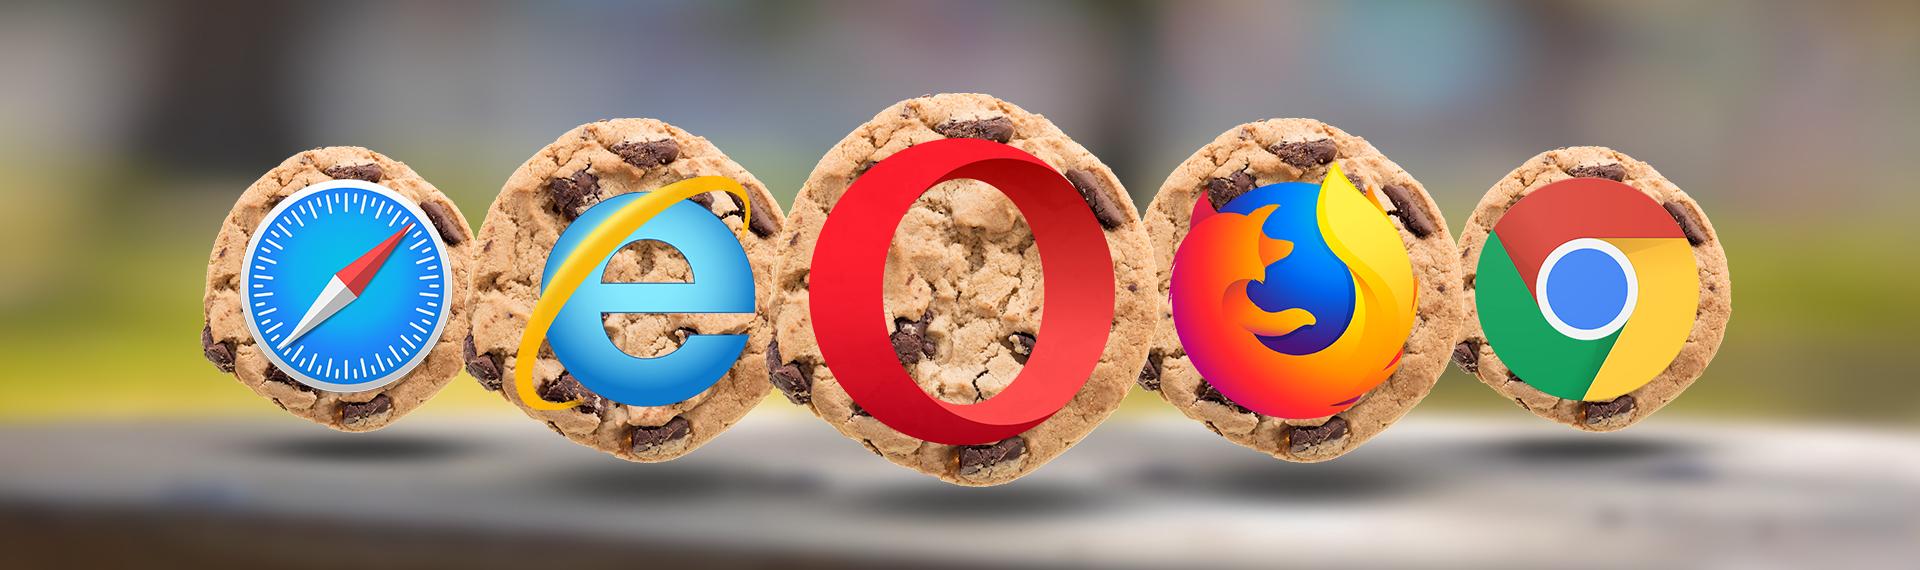 """Apa Artinya """"Cookies"""" yang Sering Muncul di Browser Cookies?"""